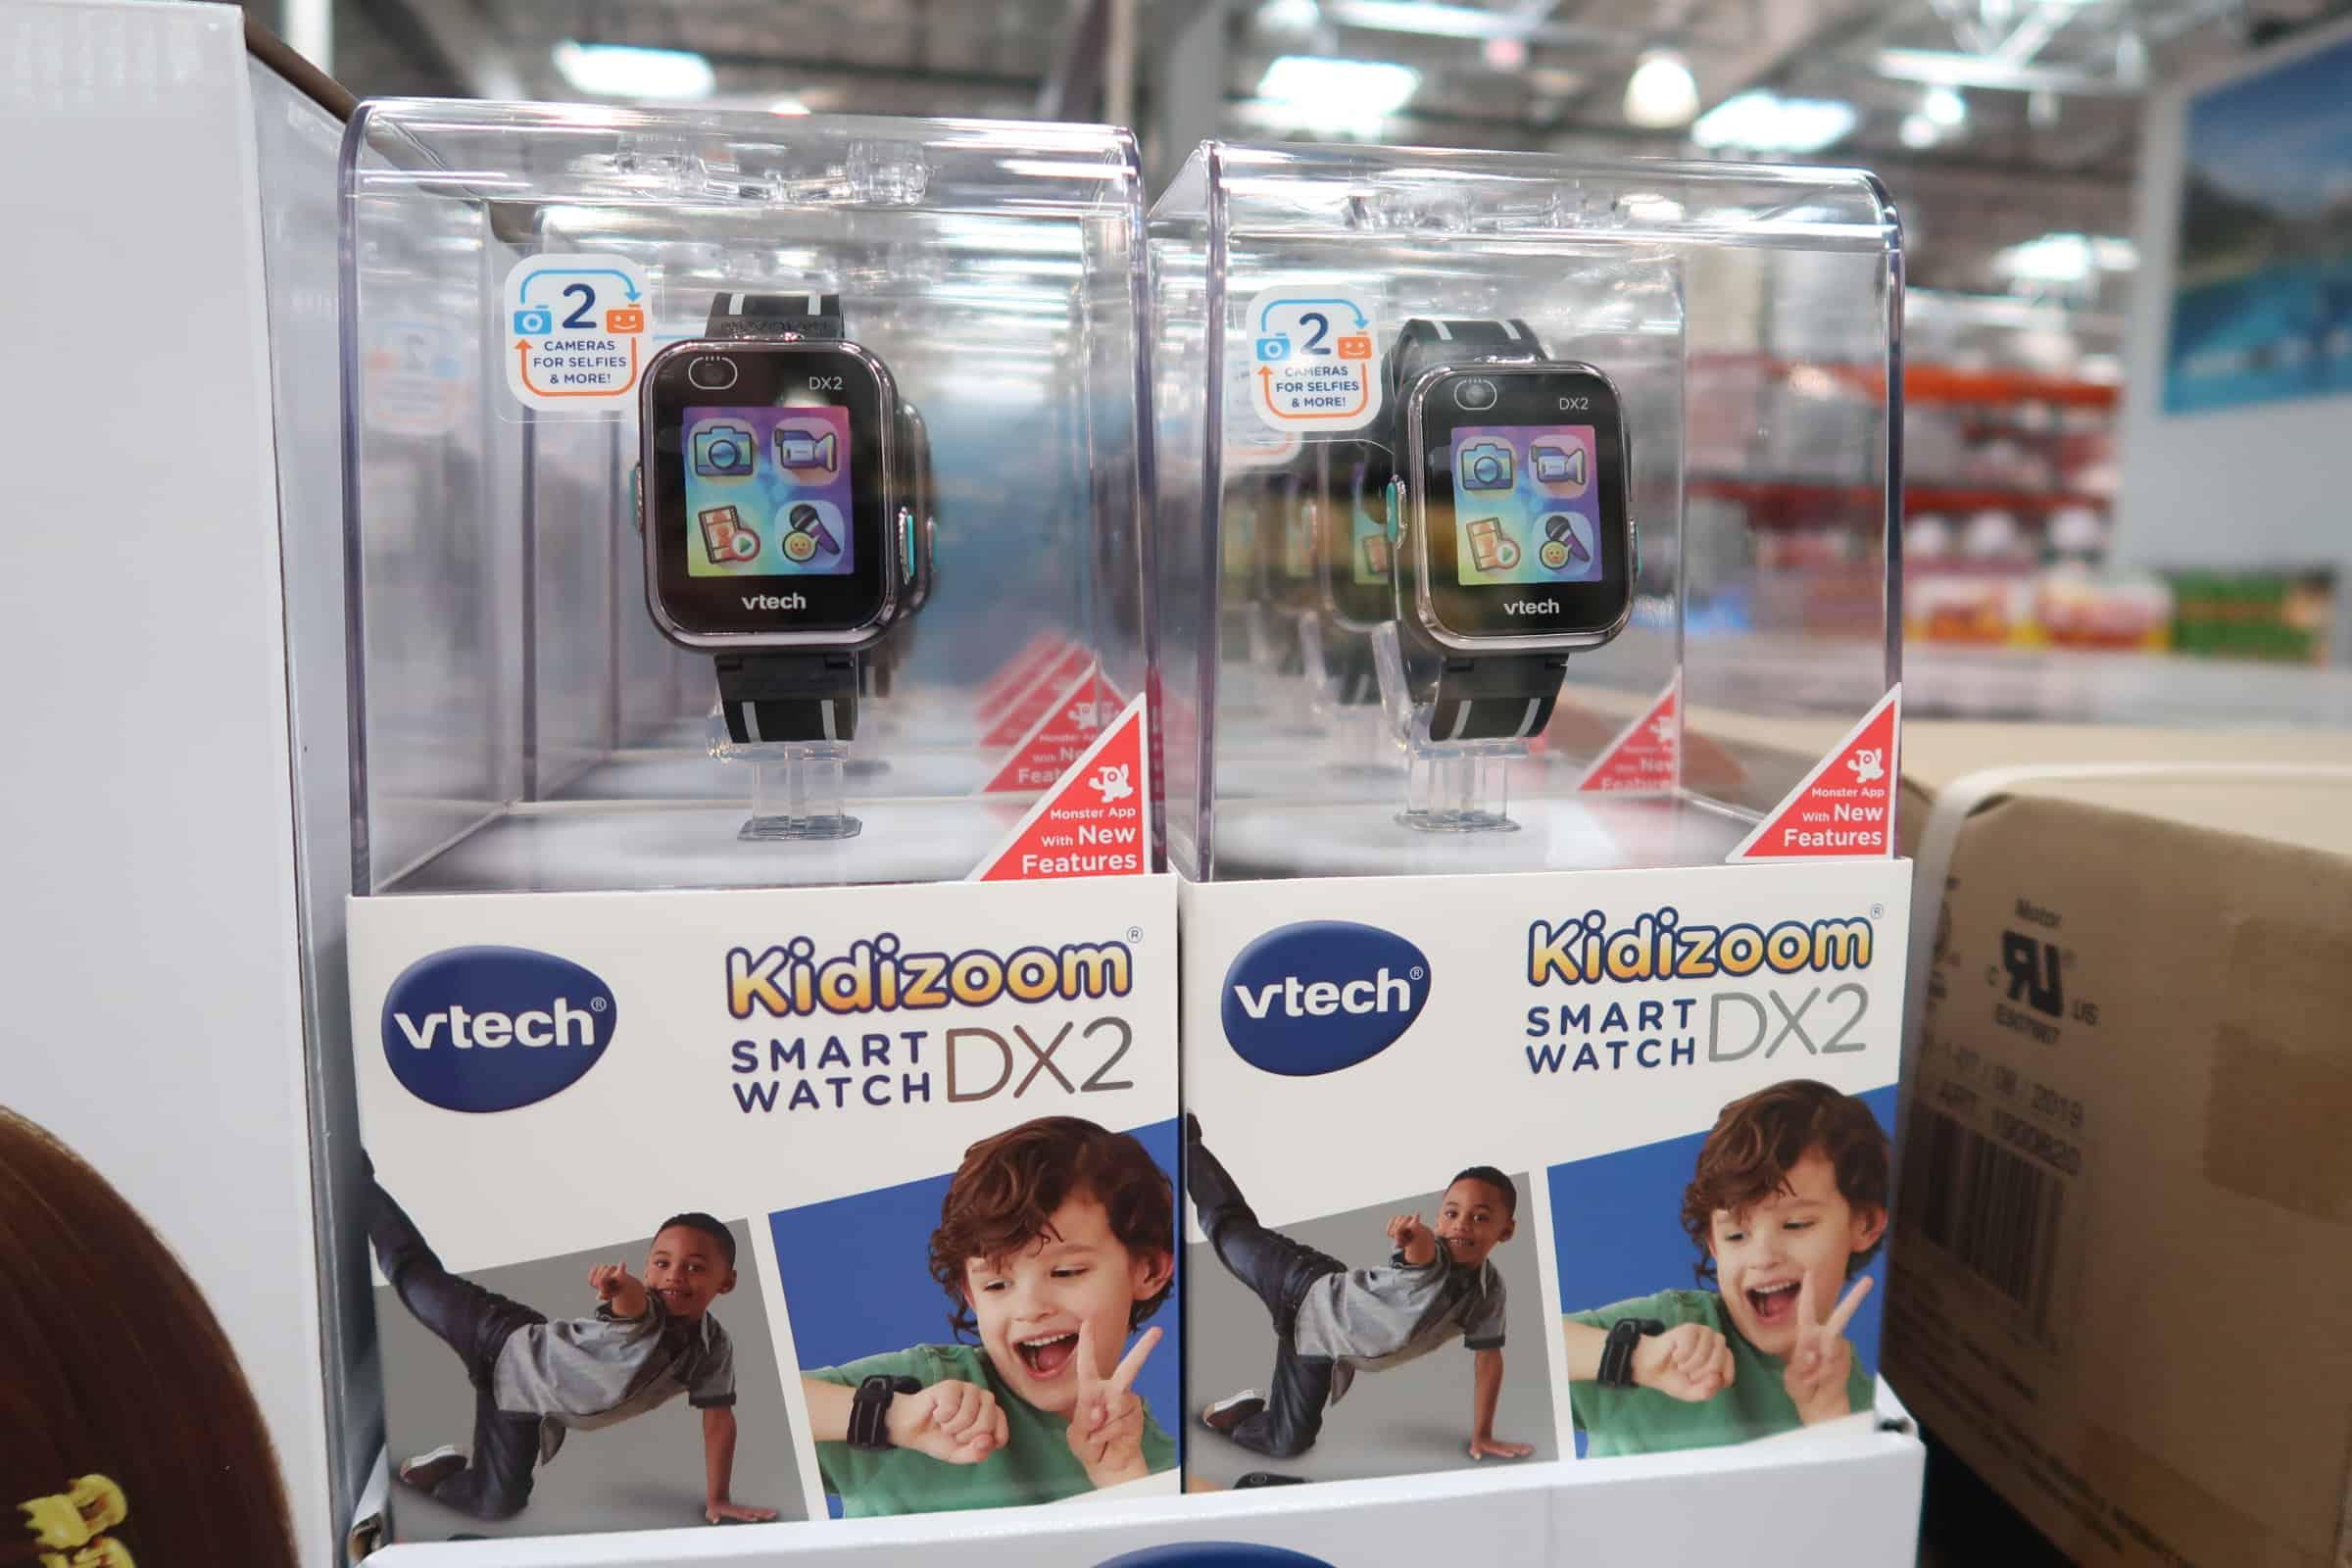 Vtech KidiZoom DX2 Smart Watch $39.99